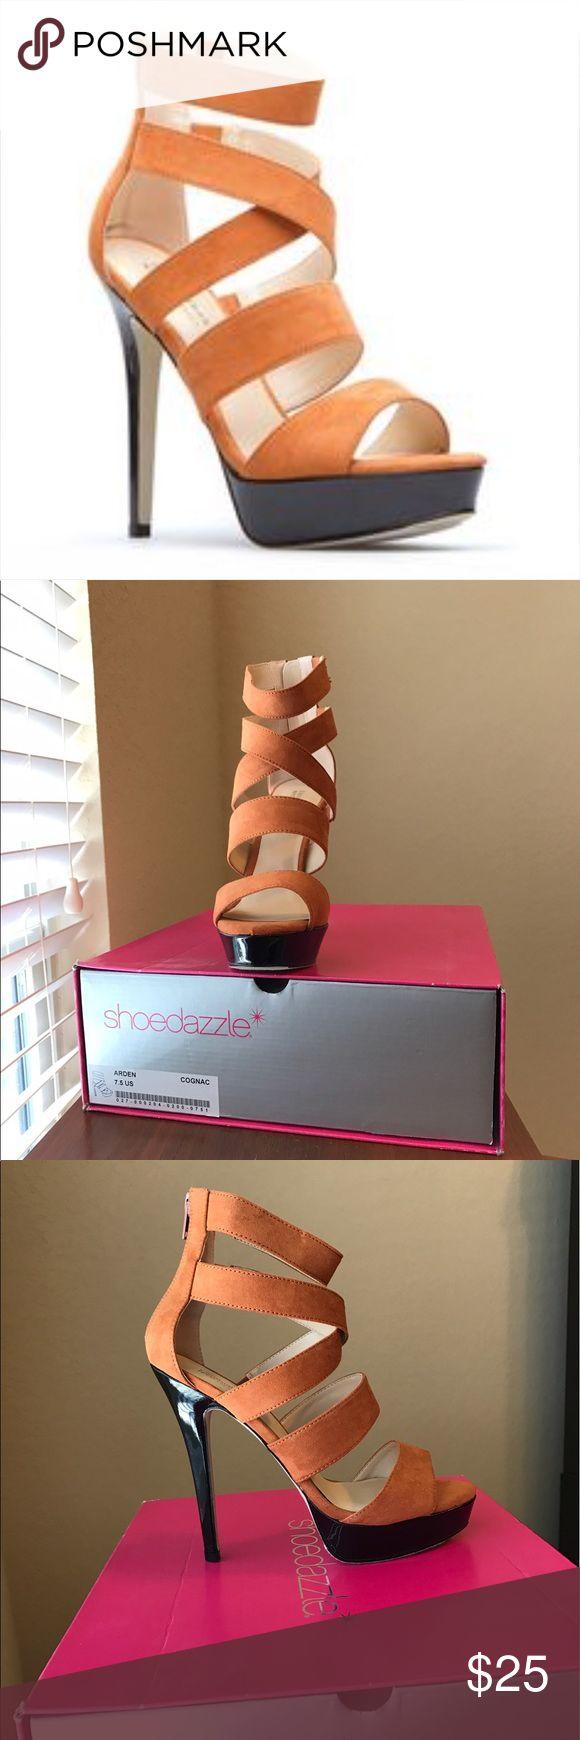 Best 25 Shoe Dazzle Ideas On Pinterest  Sexy Heels -5799